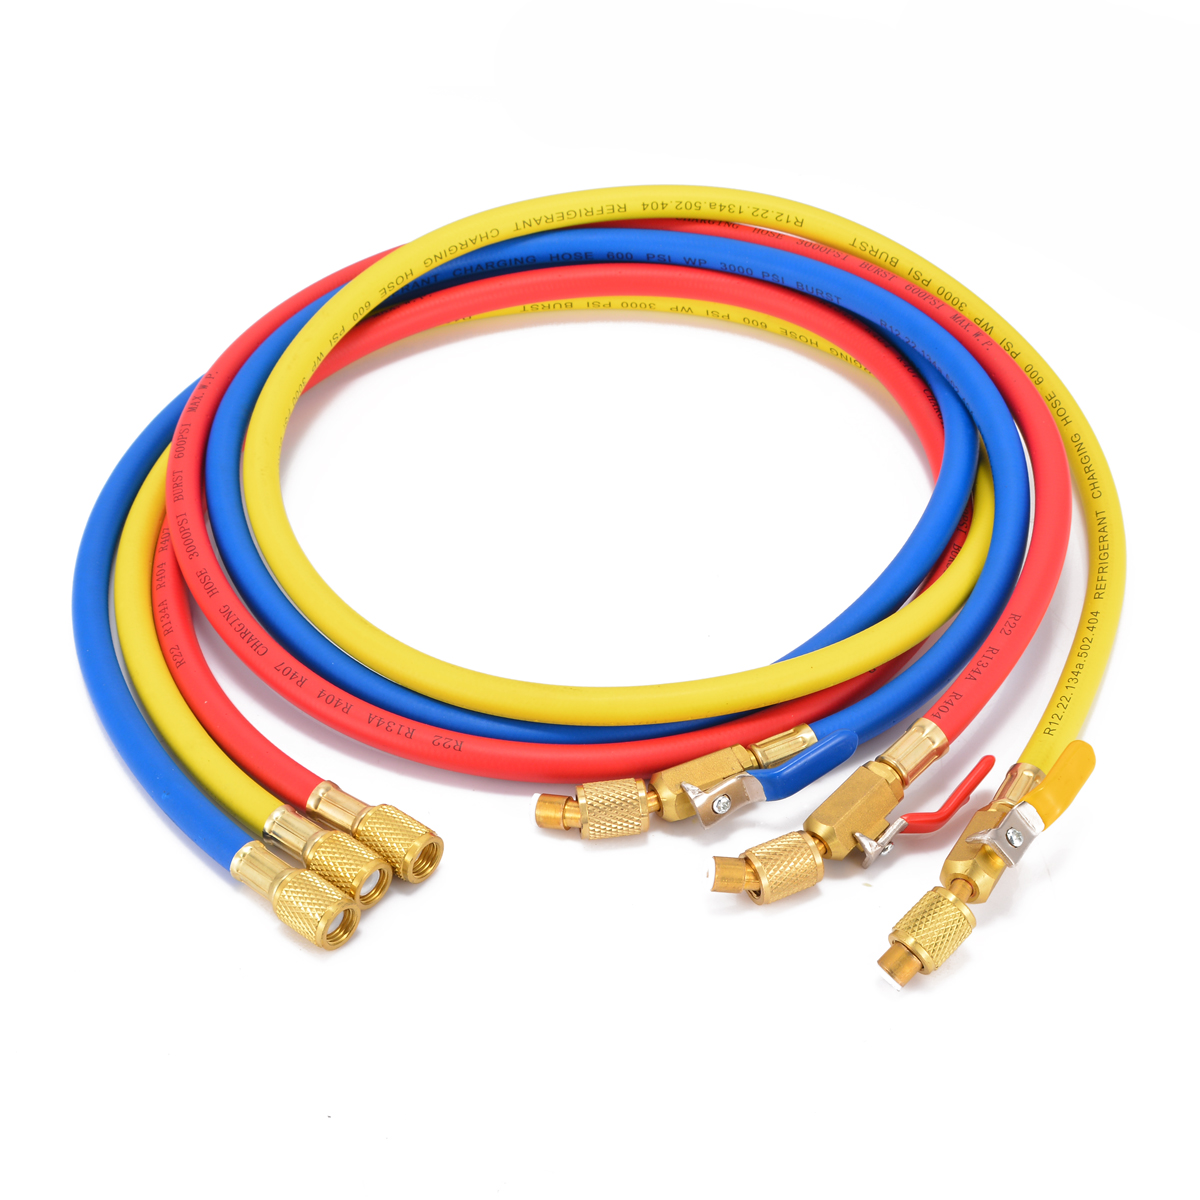 3 pcs Bleu/Rouge/Jaune De Charge Tuyaux 1/4 SAE 150 cm 600PSI Avec Pratique R410a R134a AC réfrigérant Vanne de sécurité Mayitr